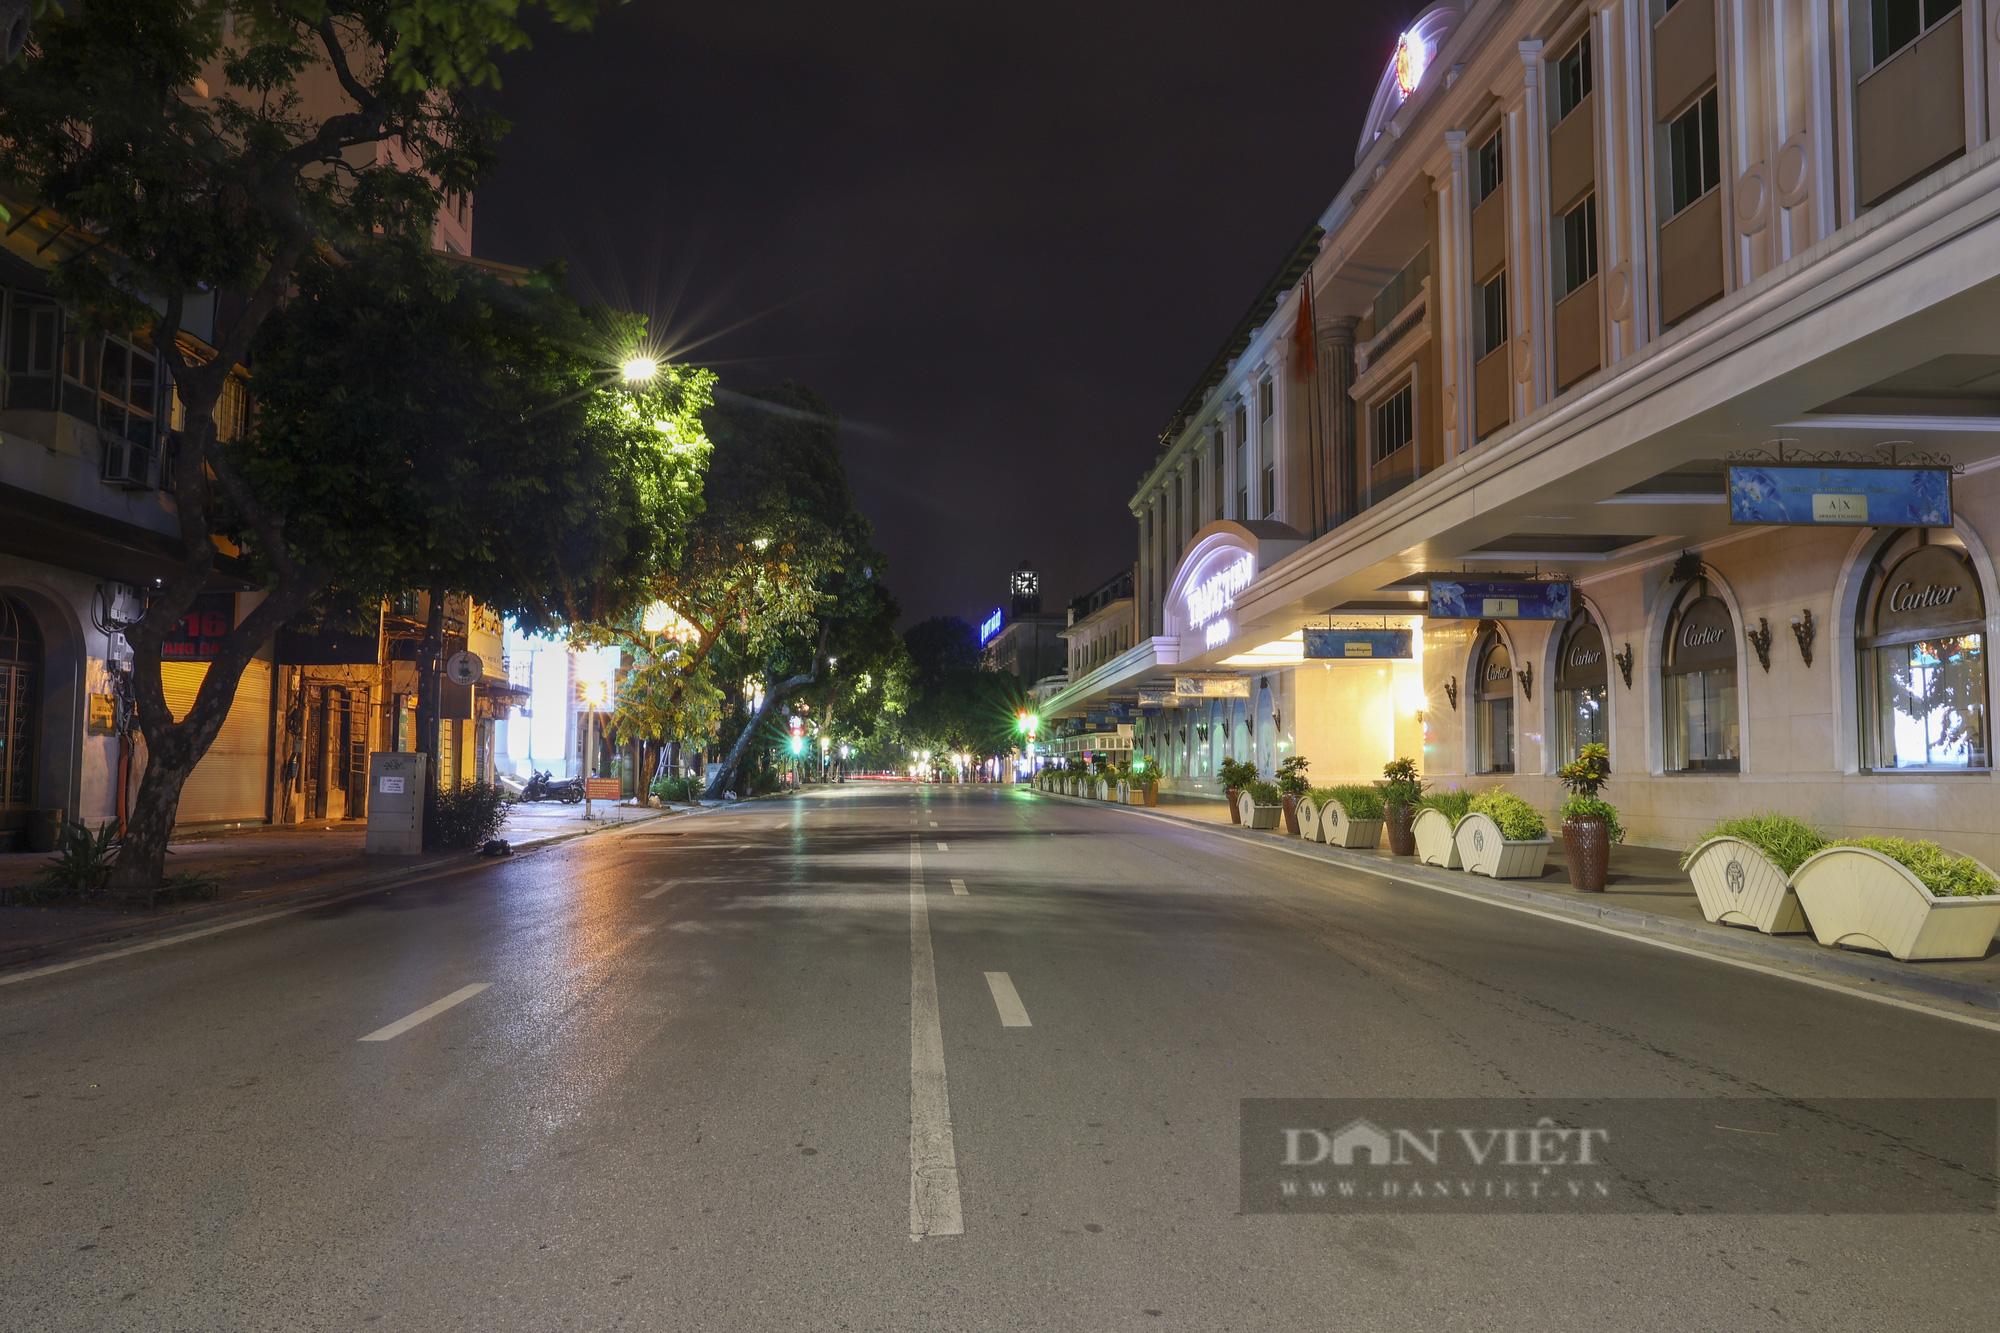 Giãn cách xã hội: Hà Nội vắng lặng, yên bình lúc về đêm - Ảnh 3.